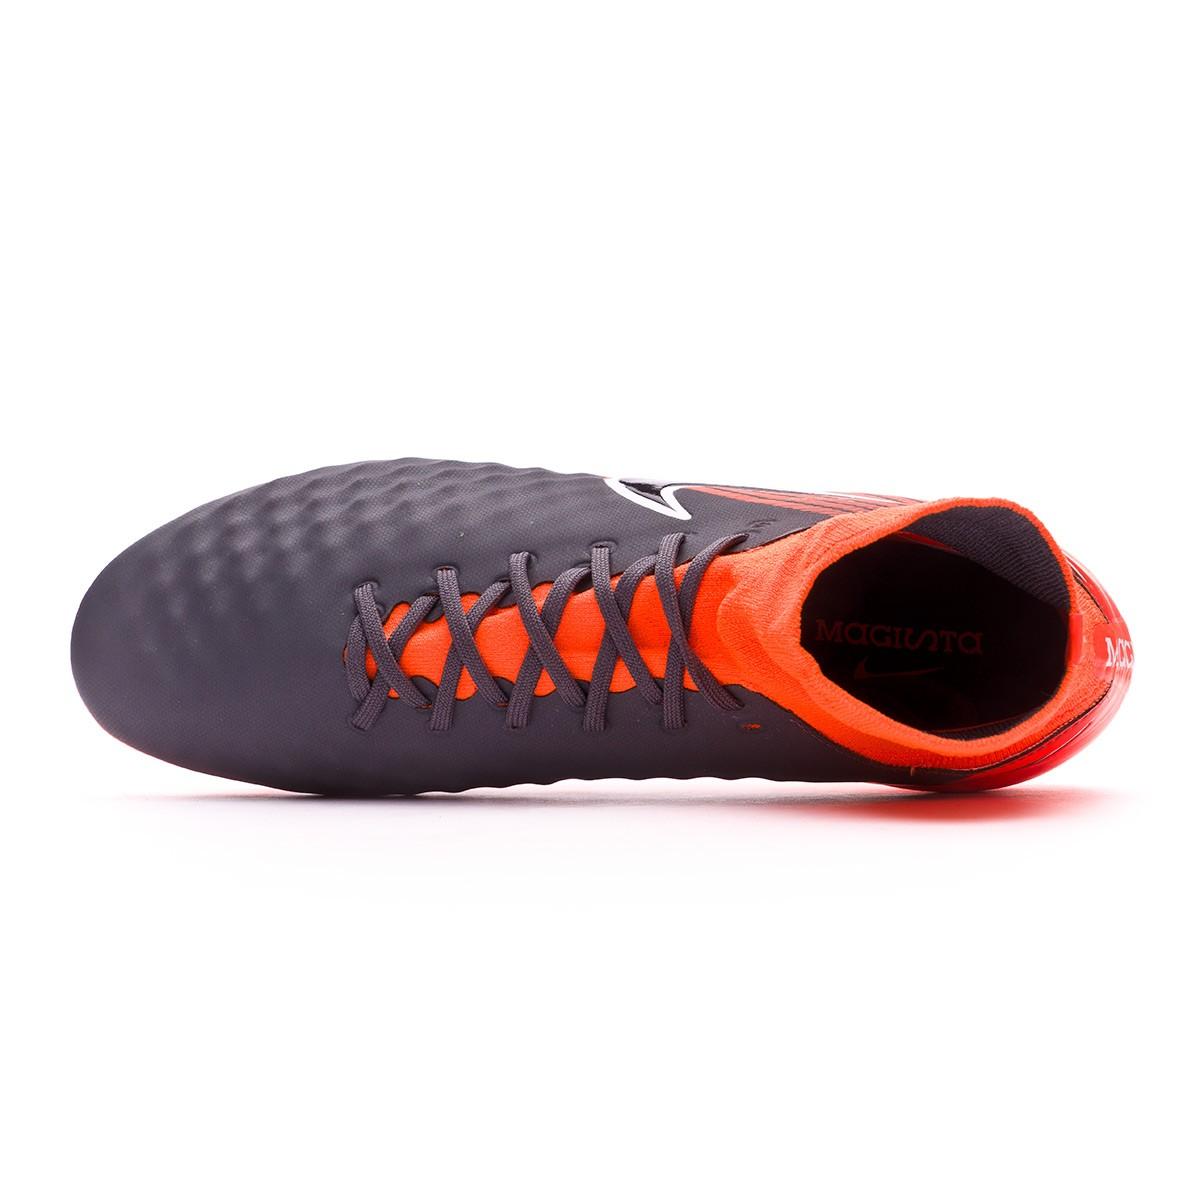 2bae7445e59876 Scarpe Nike Magista Obra II Pro DF FG Dark grey-Black-Total orange-White -  Negozio di calcio Fútbol Emotion